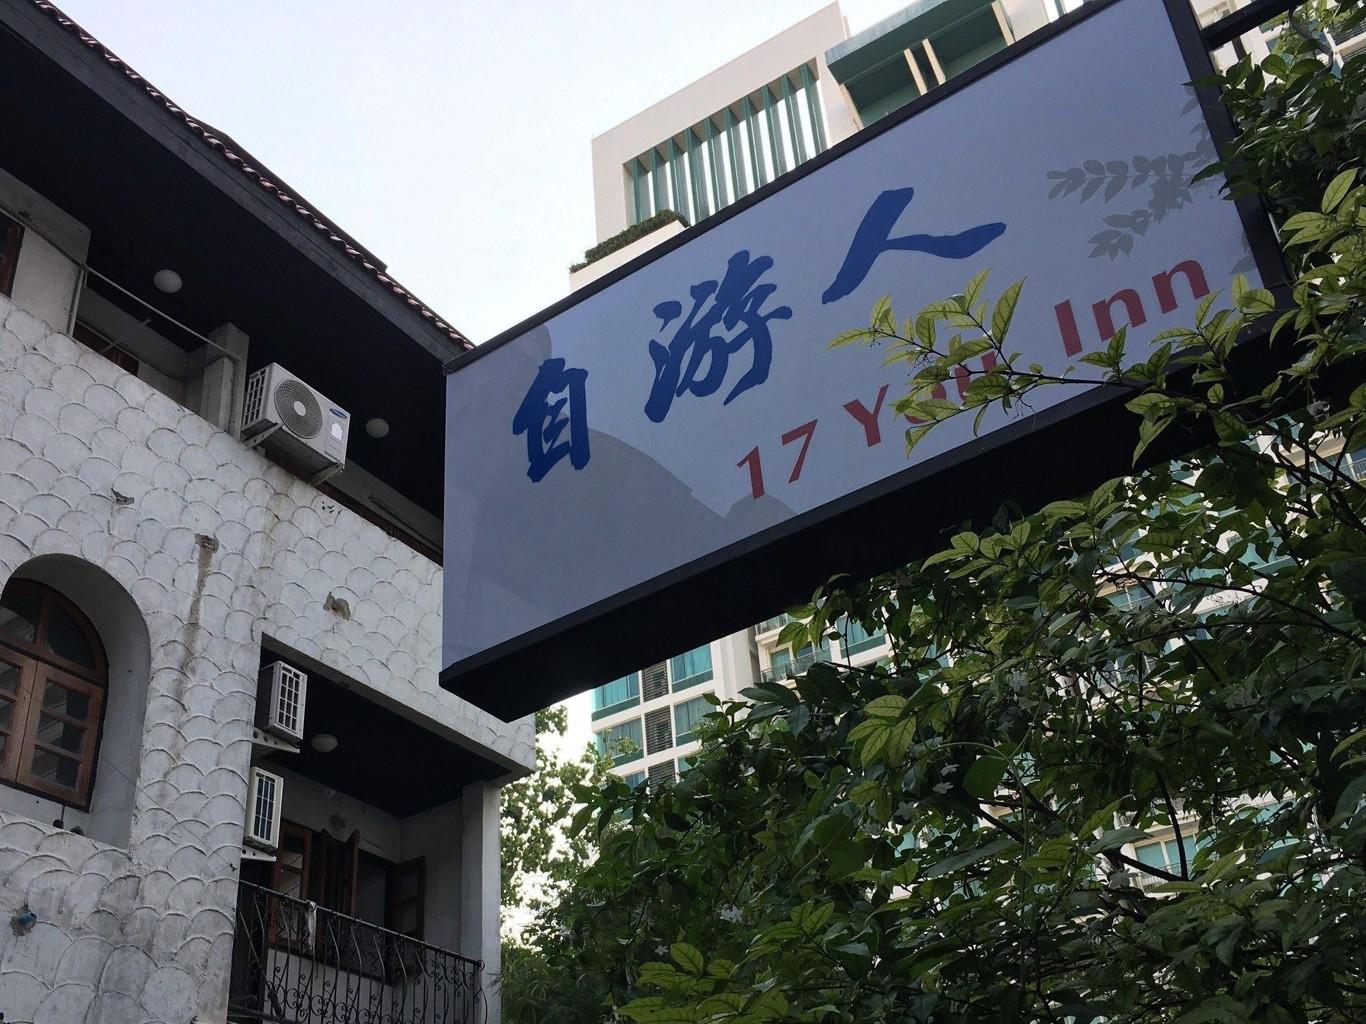 17you Inn